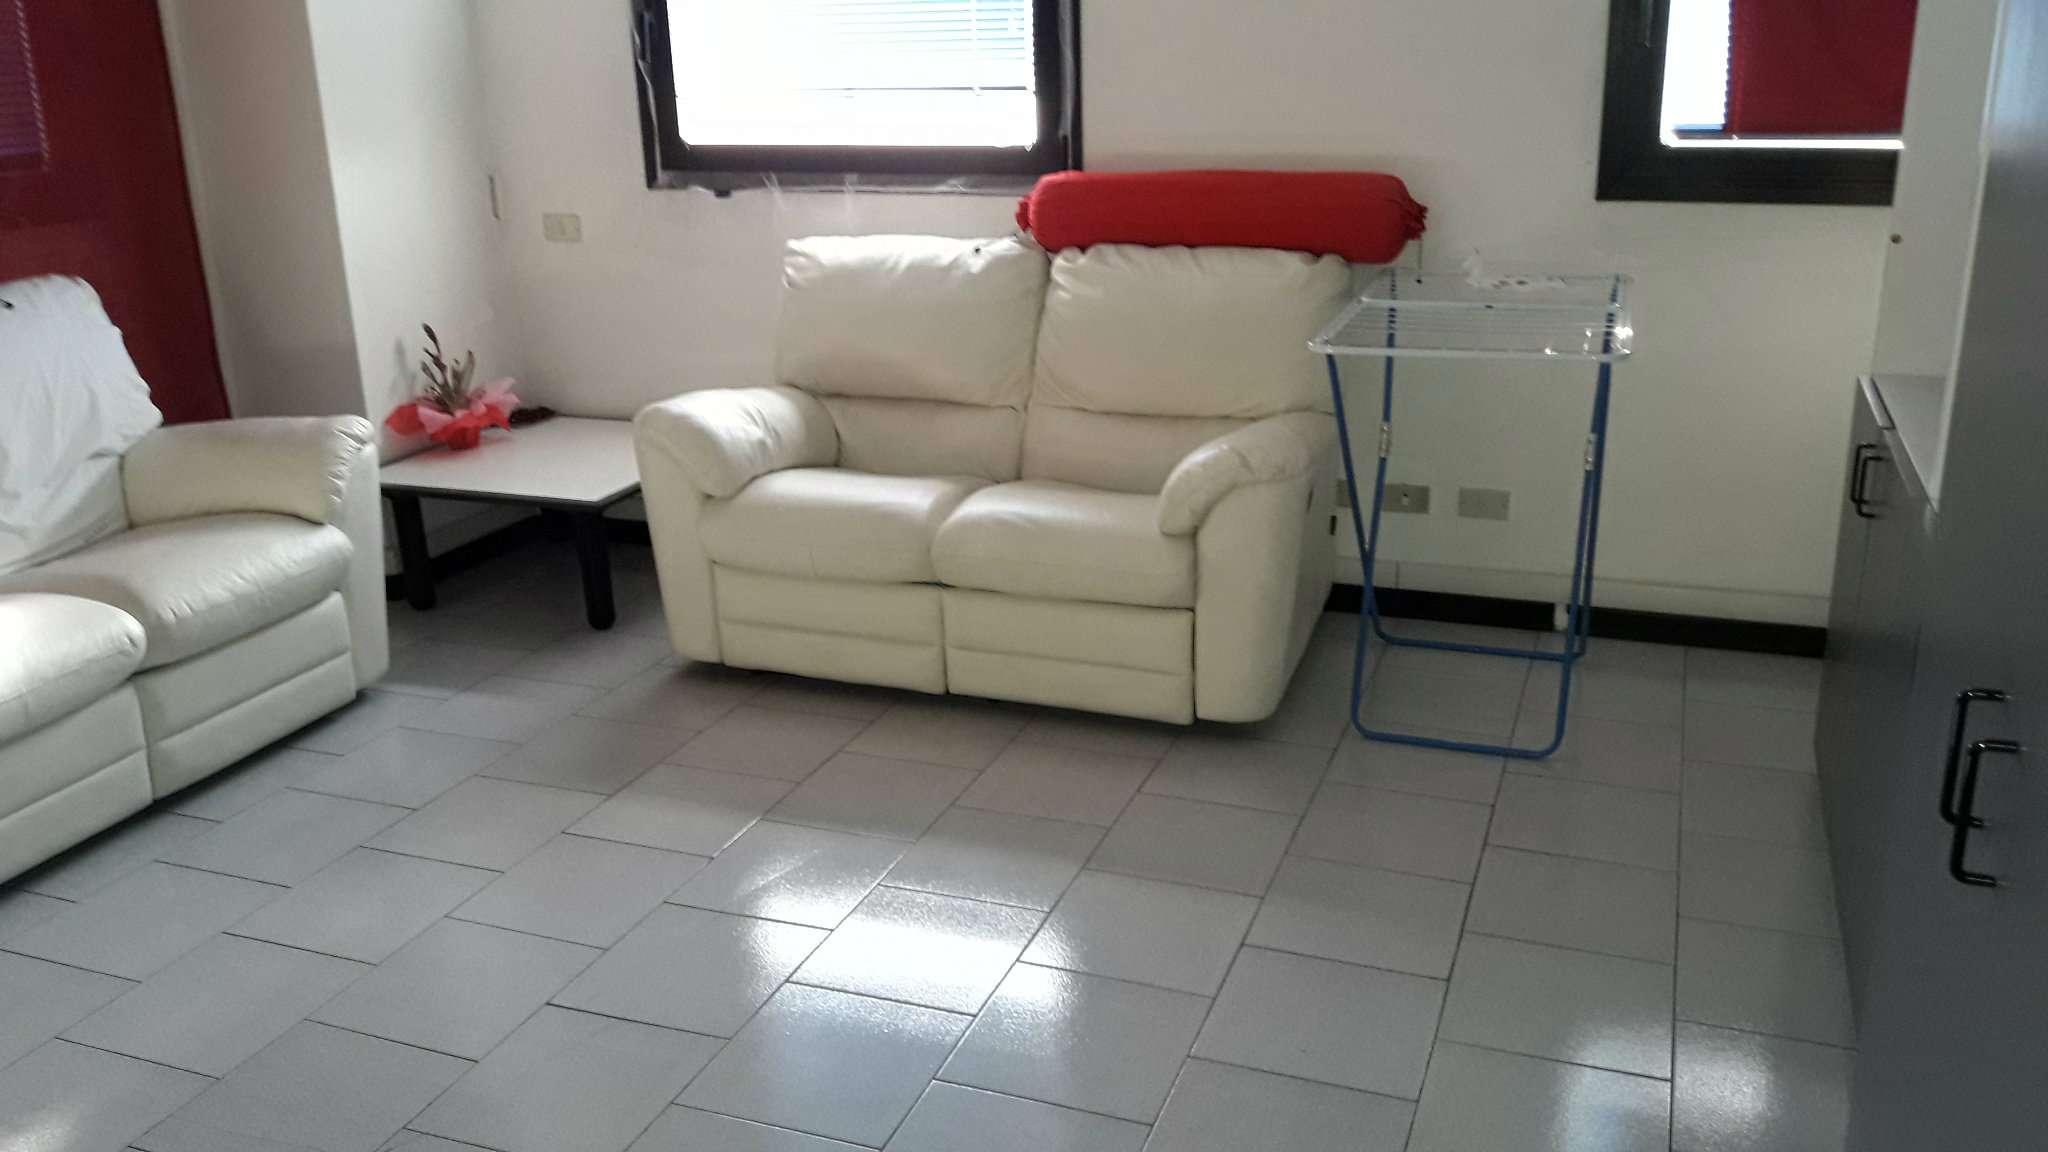 Appartamento in affitto a Como, 1 locali, zona Zona: 7 . Breccia - Camerlata - Rebbio, prezzo € 590 | CambioCasa.it